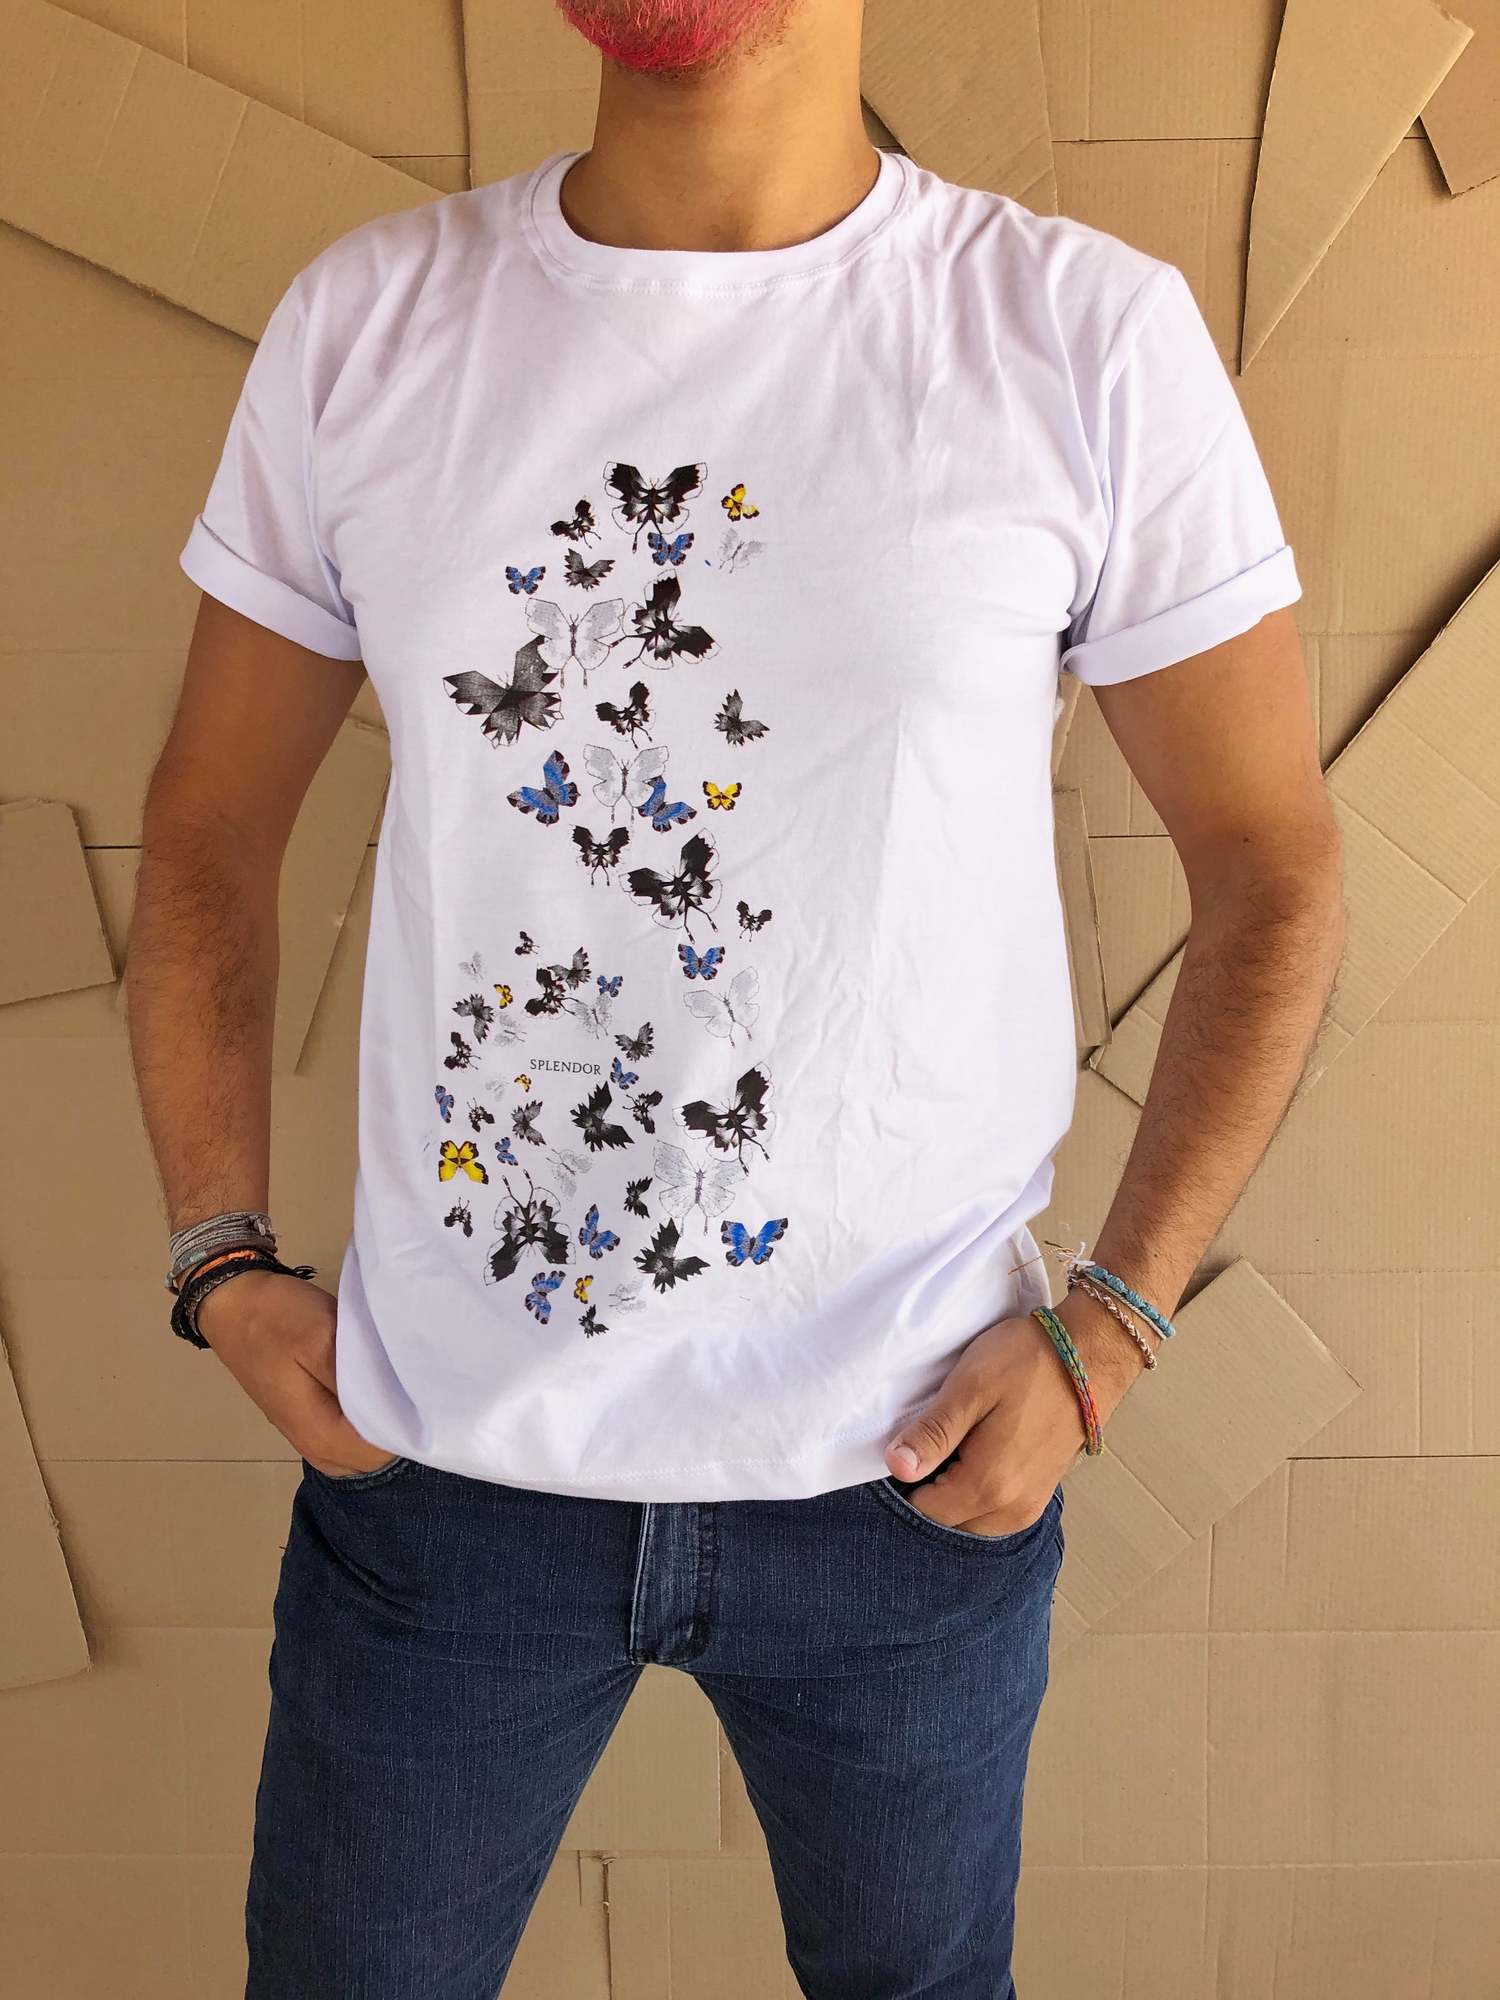 Camiseta Borboletas no Estômago